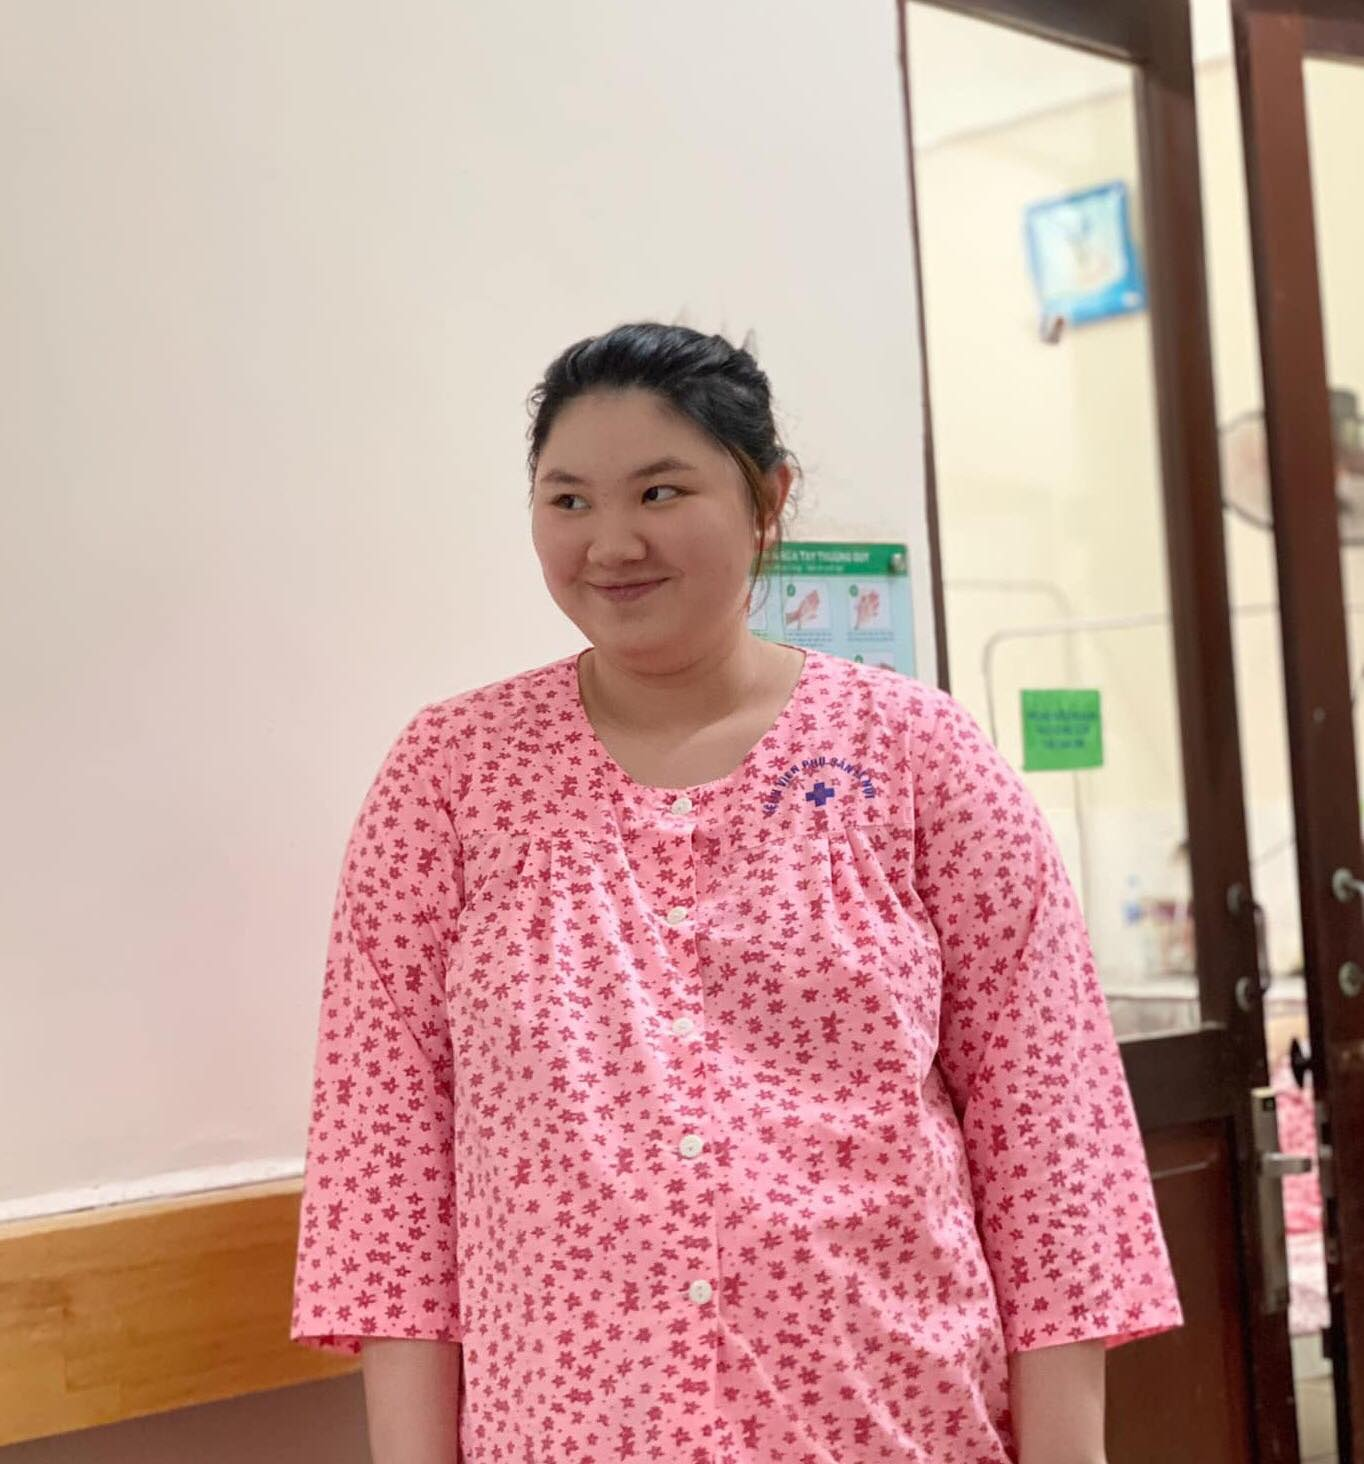 Mẹ bỉm nặng cả 100kg lúc mang bầu, xấu đến nỗi chồng không nhận ra và màn giảm cân 'thần tốc' khiến cả MXH chao đảo - Ảnh 2